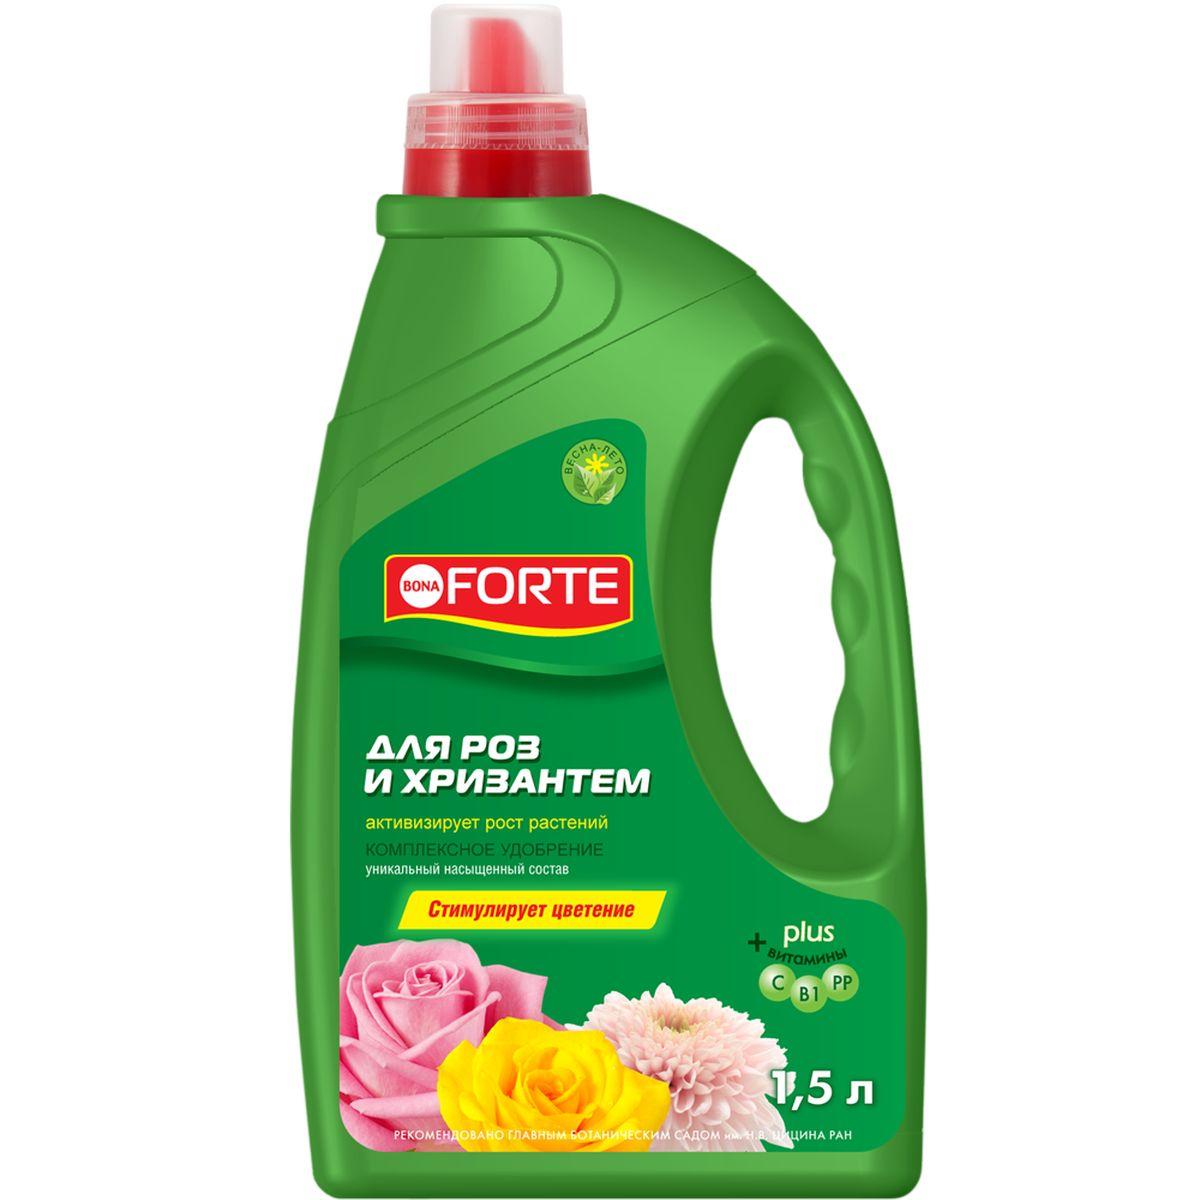 Жидкое комплексное удобрение Bona Forte, для роз и хризантем, 1,5 лBF-21-04-012-1Bona Forte жидкое комплексное удобрениеДля роз и хризантем стимулирует повторную бутонизацию, способствует продолжительному цветению, делает яркими и сочными лепестки соцветий.Содержит полный комплекс веществ, необходимых для полноценного и сбалансированного питания растений: высокая доля (15 %) основных элементов (NPK), обеспечивающих сбалансированное питание роз и хризантем; высокая доля (0,6 %) мезоэлемента (Mg), который способствует образованию сильных красивых цветков, повышает устойчивость к неблагоприятным внешним условиям и обеспечивает длительное цветение растений; комплекс основных микроэлементов в хелатной форме, что способствует полному их усвоению и пролонгированному действию; комплекс витаминов для поддержания и укрепления иммунной системы растений; регулятор роста для стимулирования роста роз и хризантем.